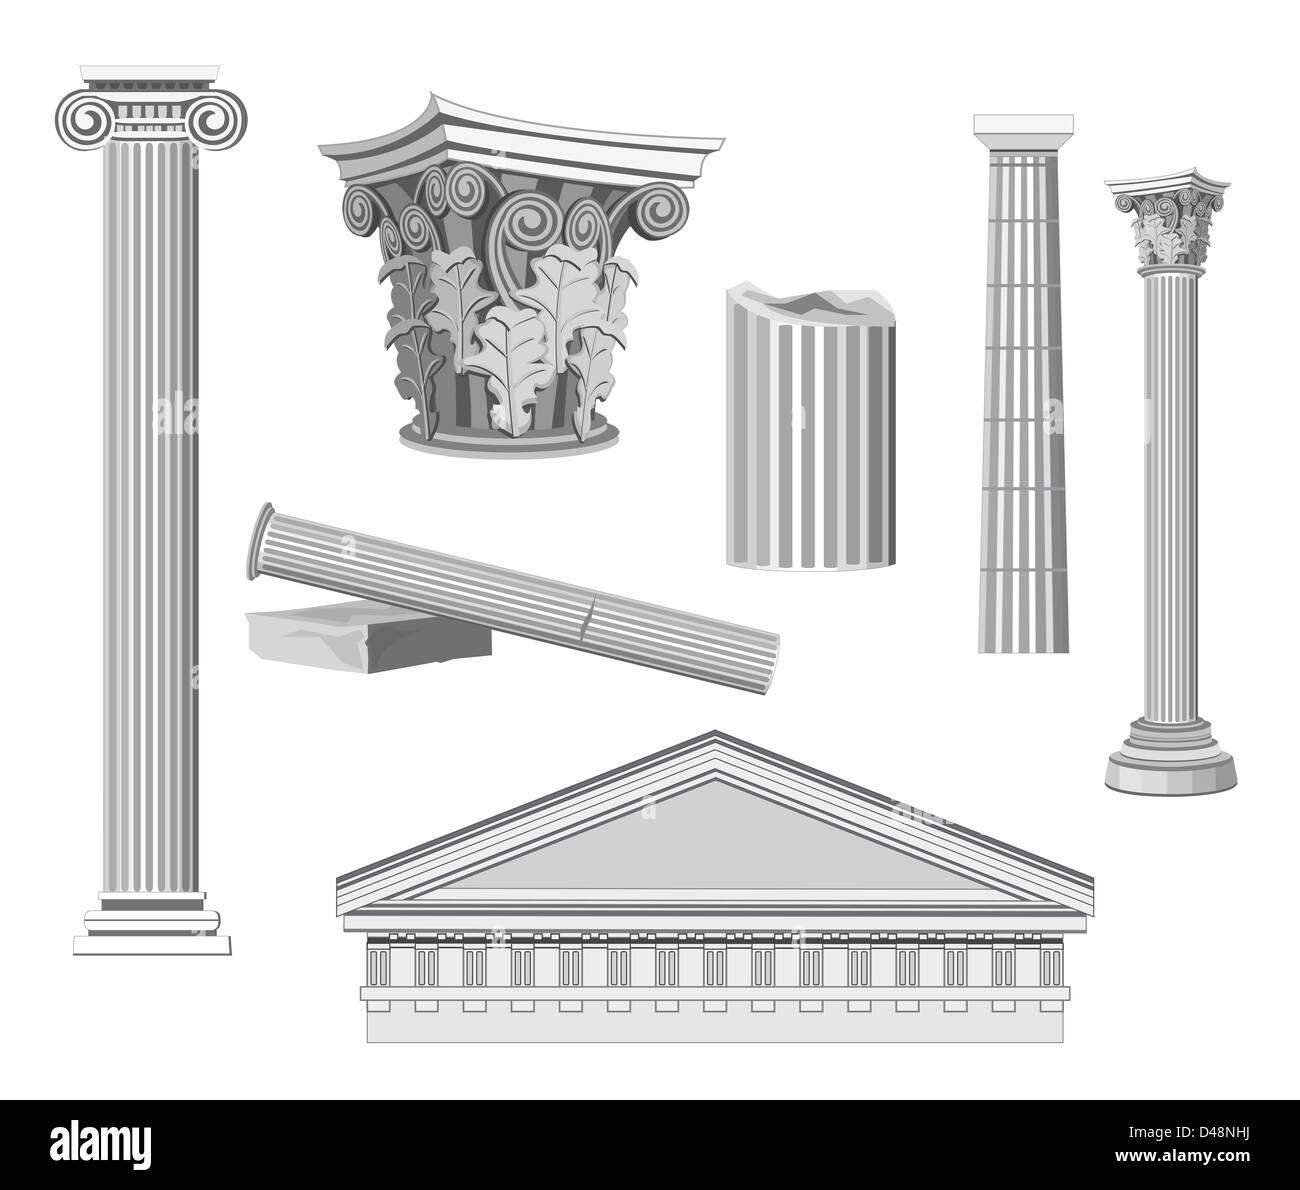 Antike architektonische Elemente isoliert auf weiss Stockfoto, Bild ...